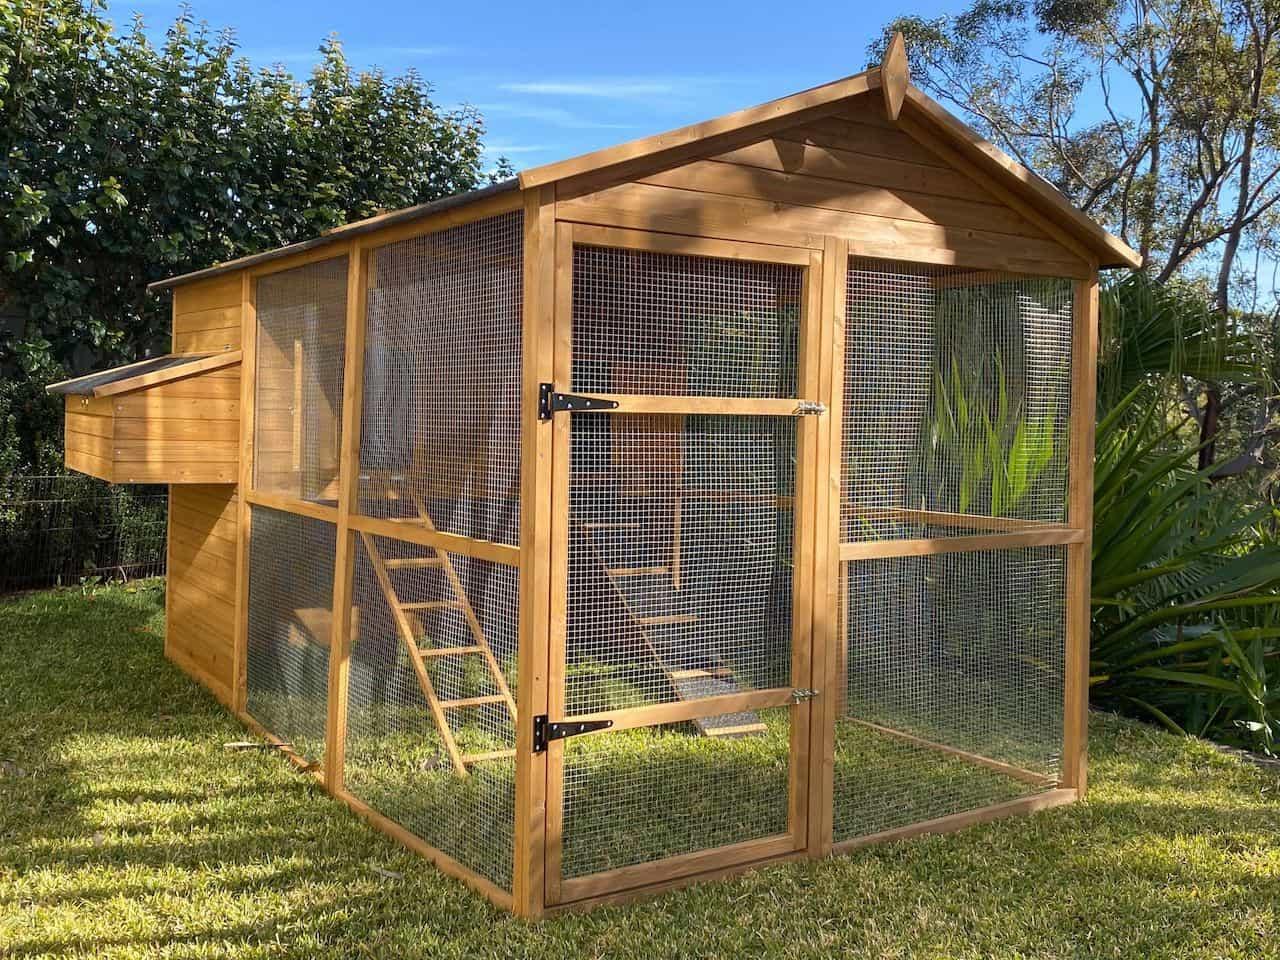 Somerzby Homestead Guinea Pig Enclosure